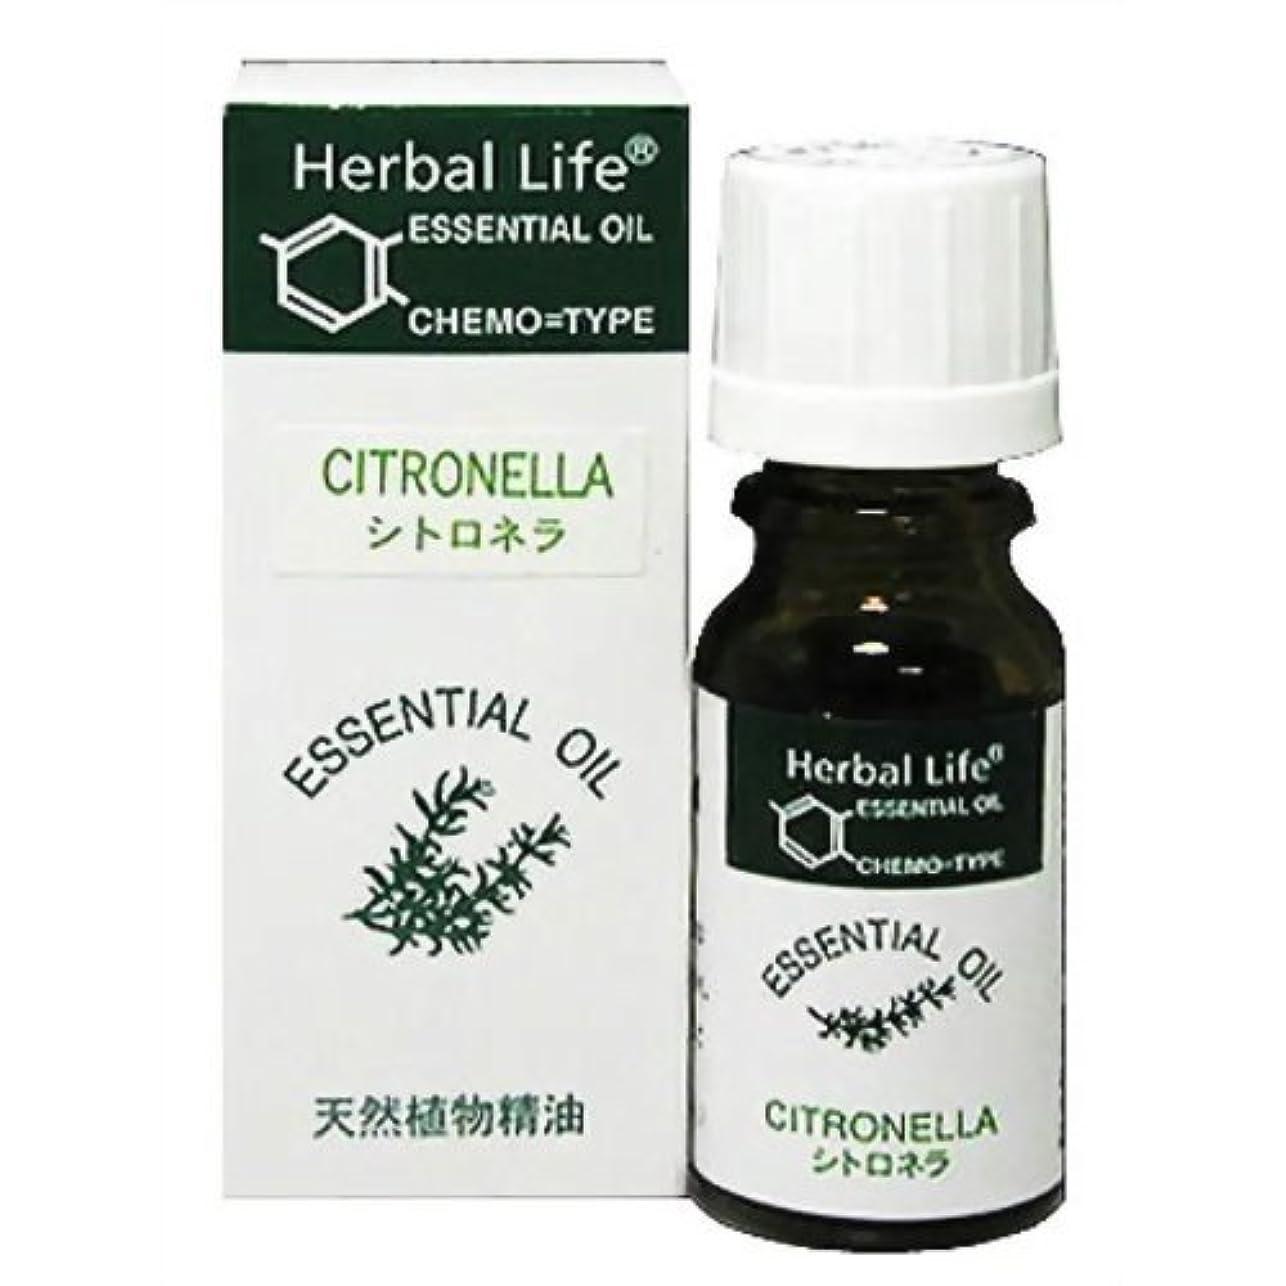 成り立つカヌー軍Herbal Life シトロネラ 10ml